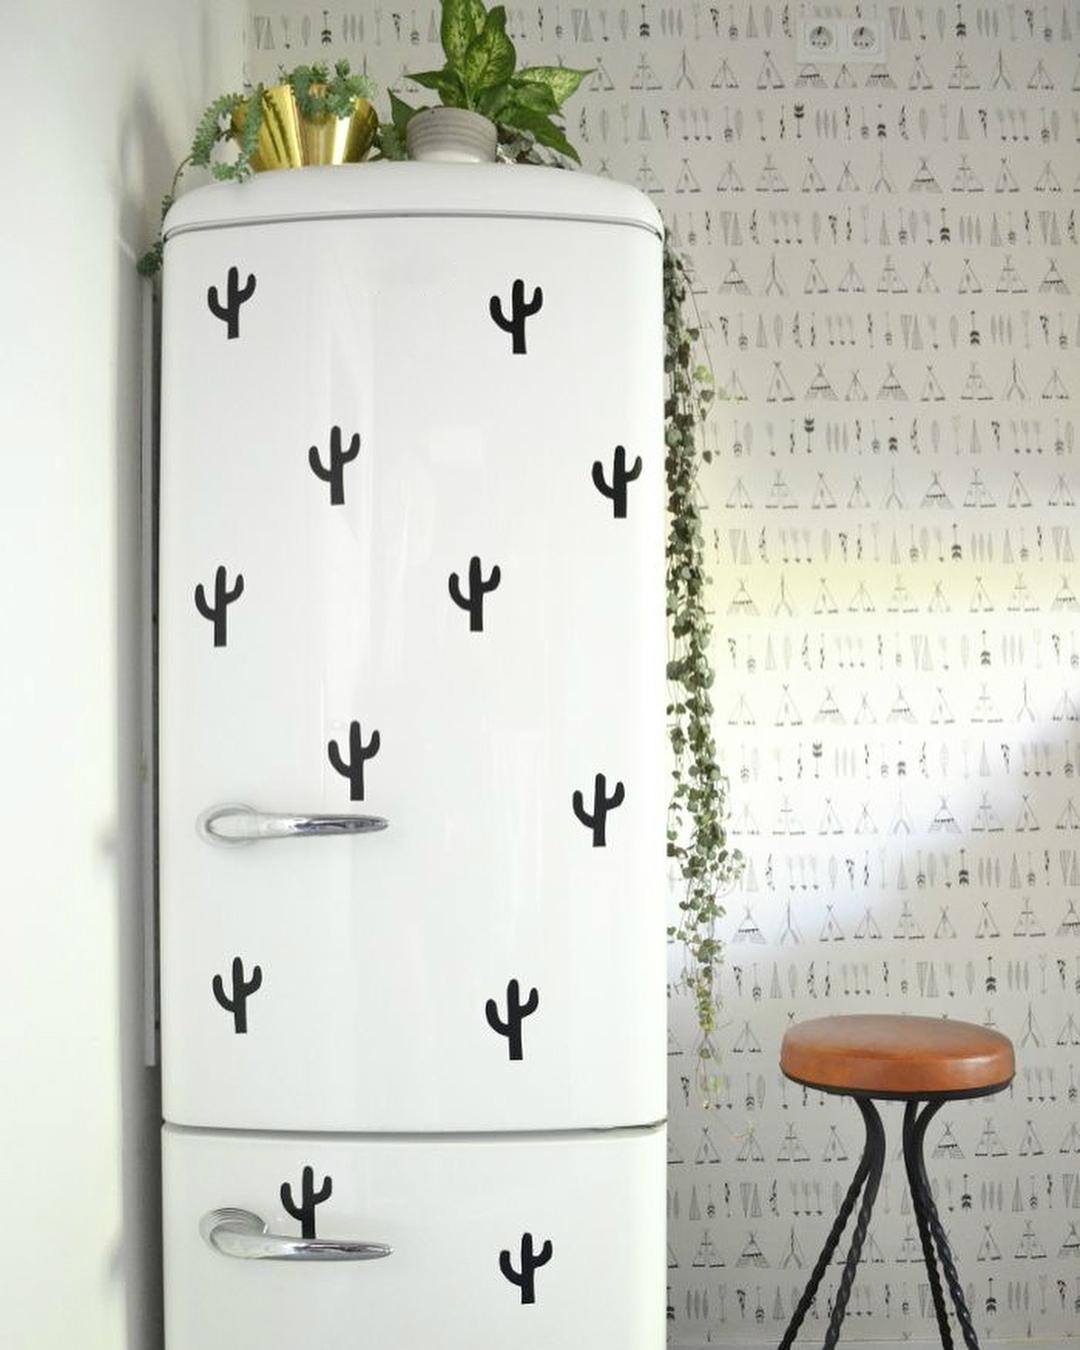 мелкие картинки на холодильник